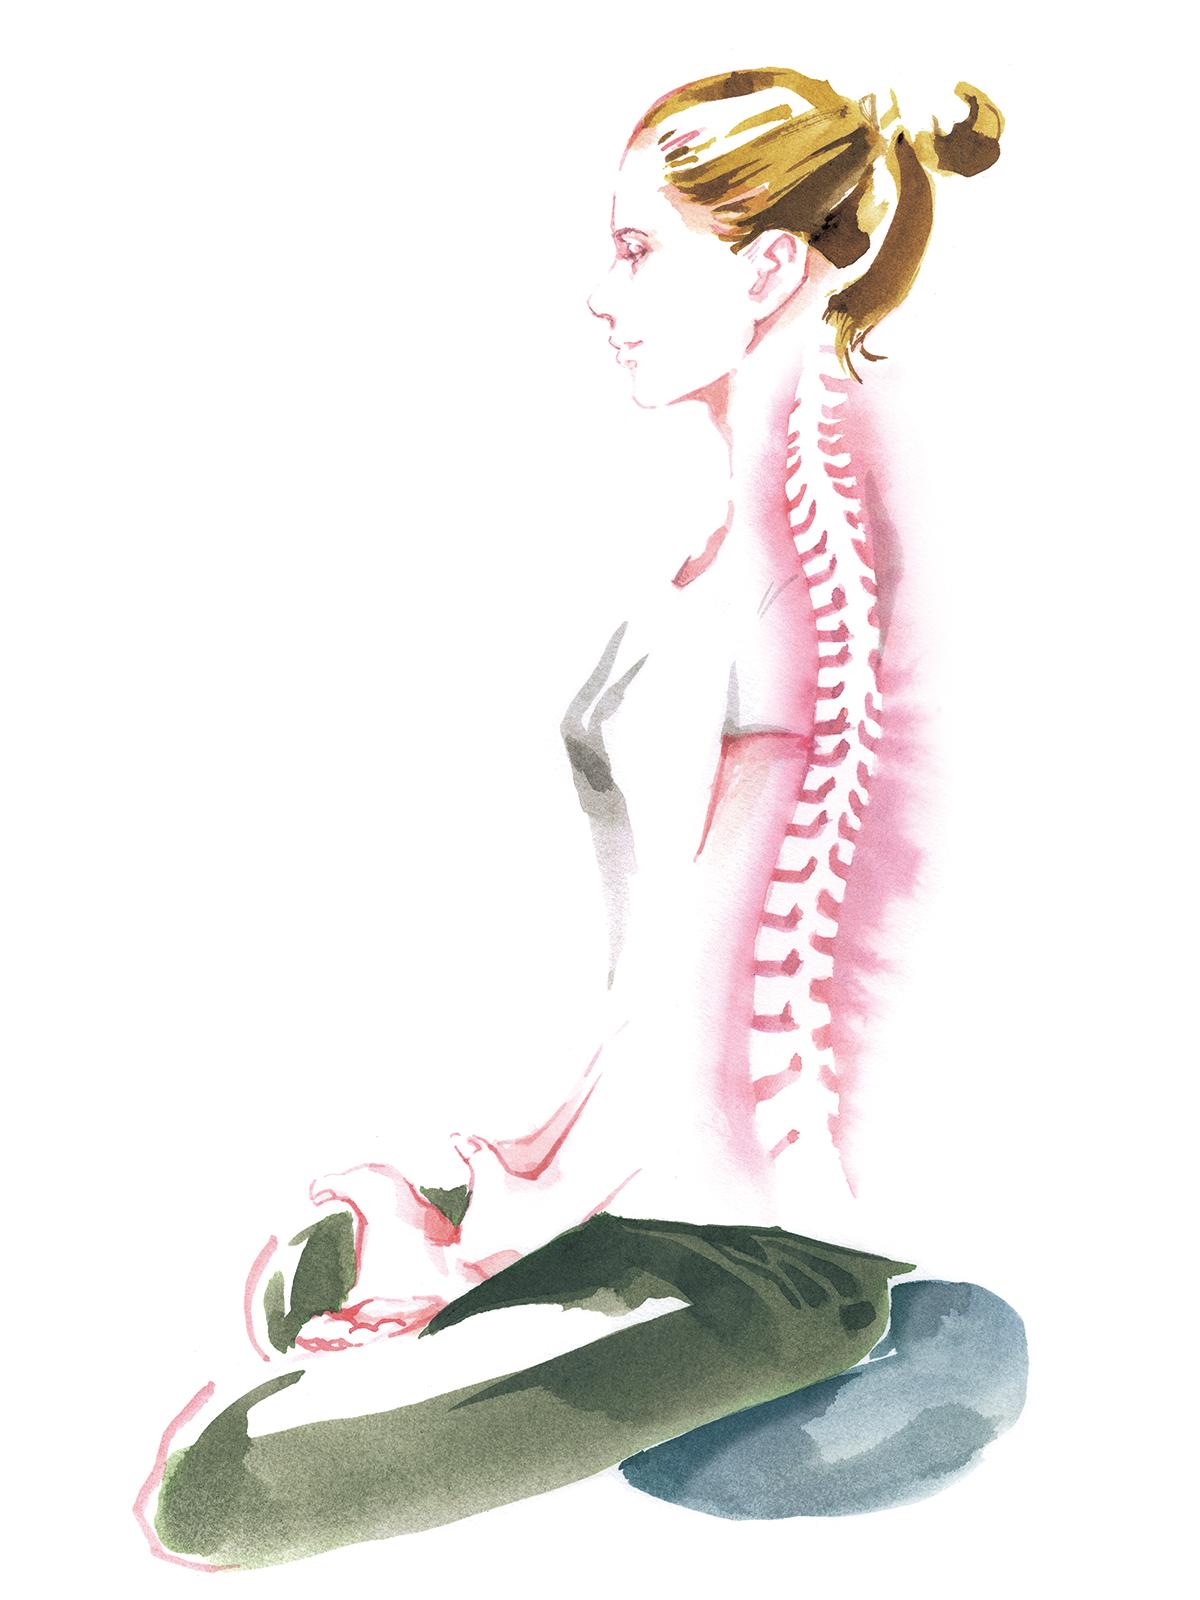 (1)マインドフルネスを習慣にし、日々のパフォーマンスを上げる。リビング坐禅のはじめ方|坐禅蒲団(坐蒲)・瞑想用クッション| ZAF(ザフ)